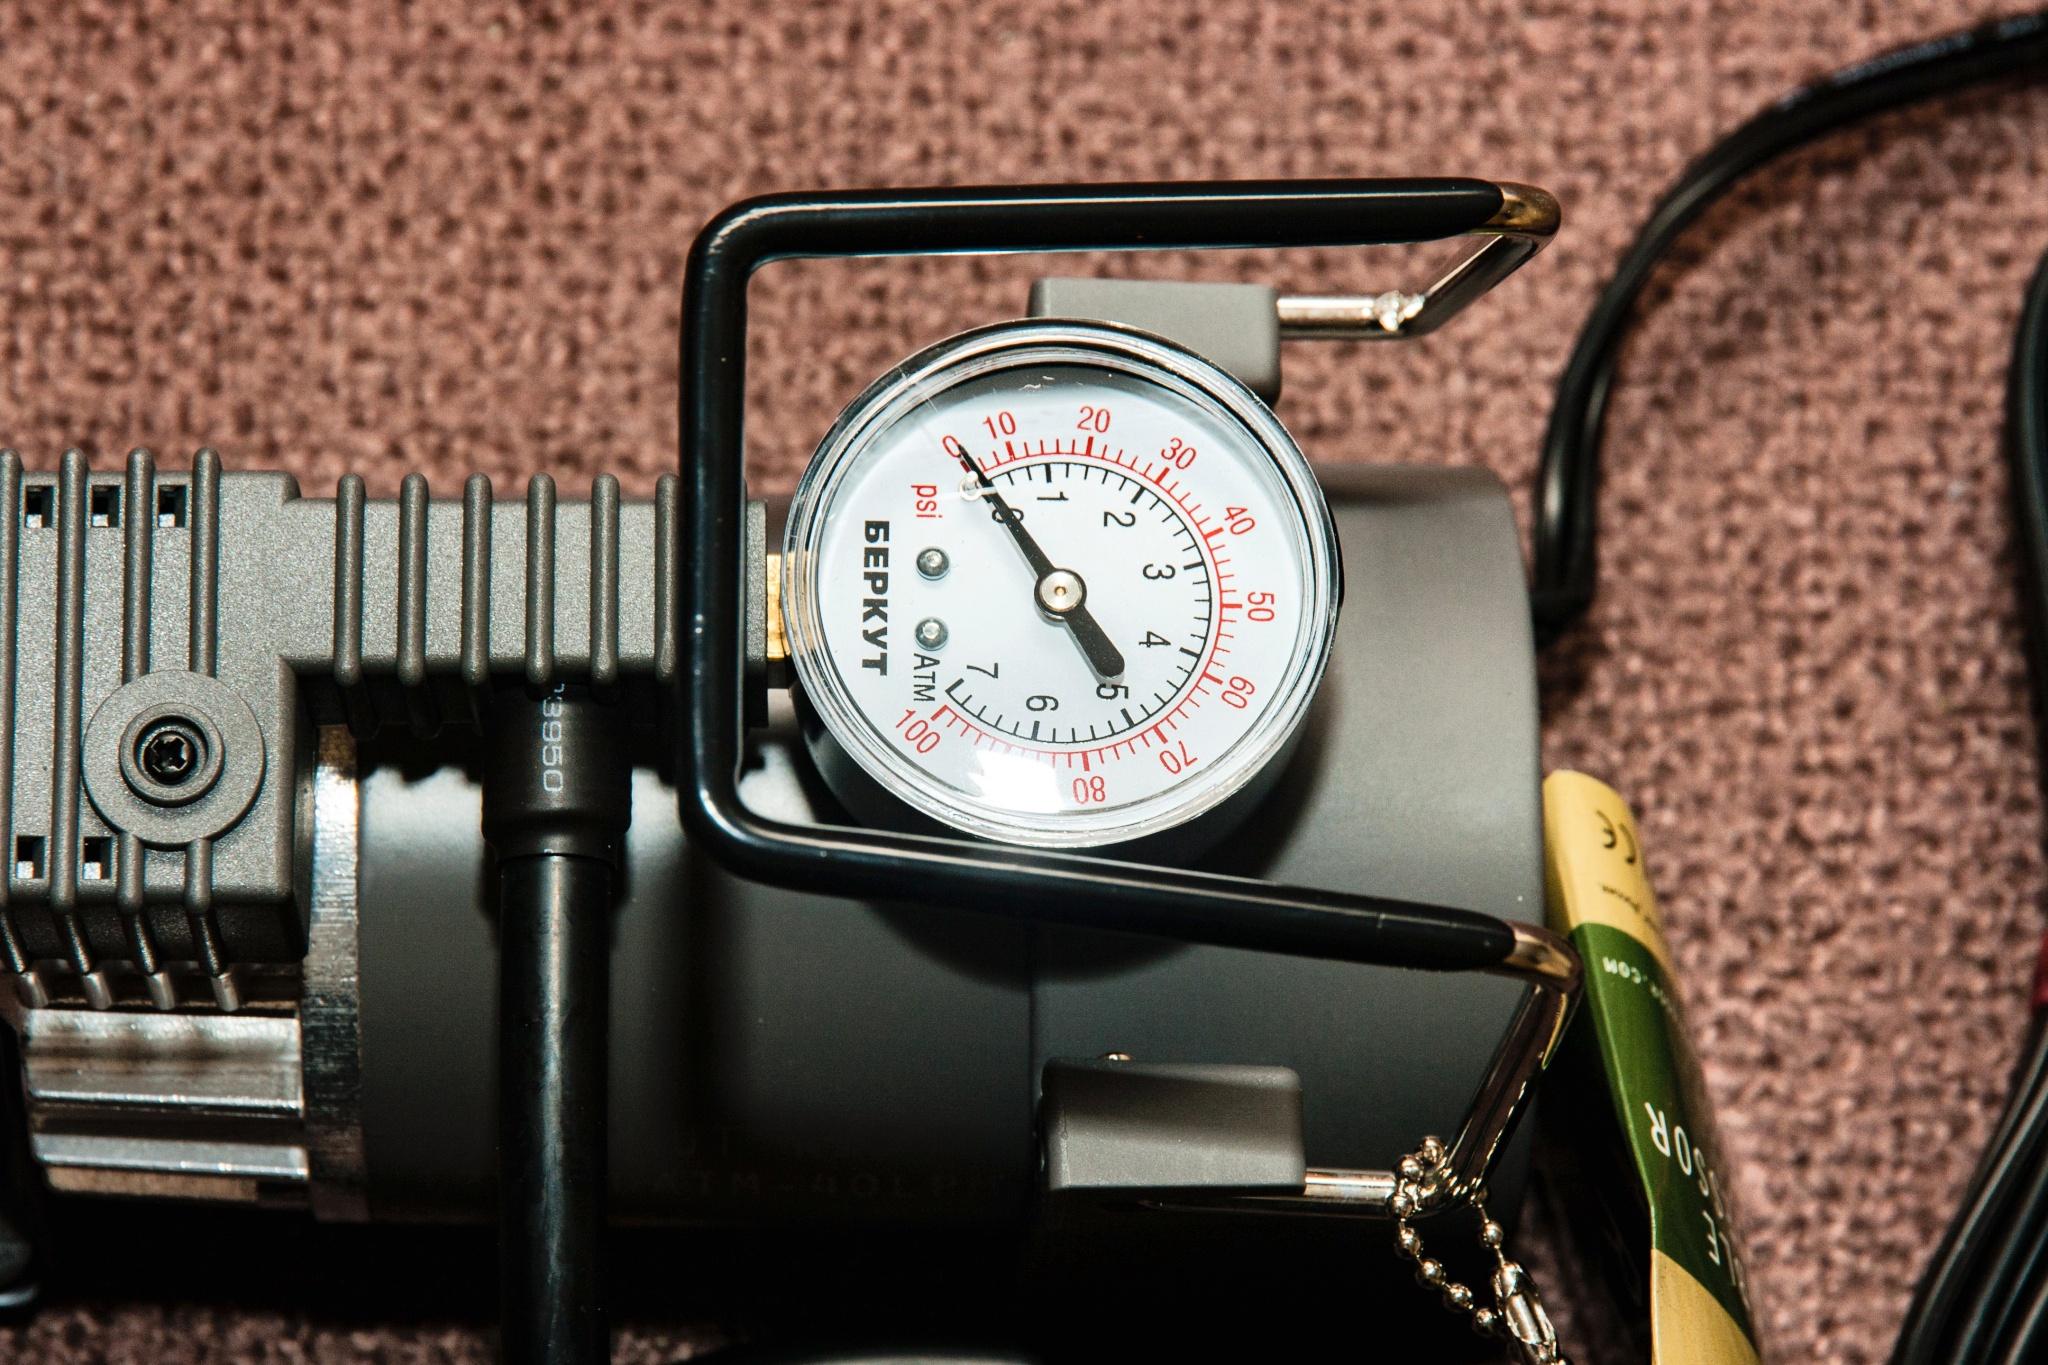 Роль манометра на автомобильном компрессоре, как поменять и починить манометр на автомобильном компрессоре, лучшие модели манометров